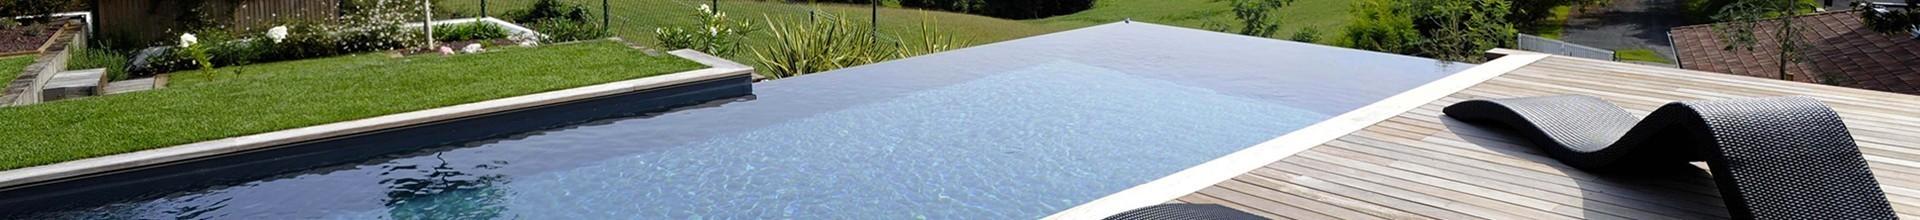 Vendée Pays de Loire nettoyage d'une piscine en béton, robuste